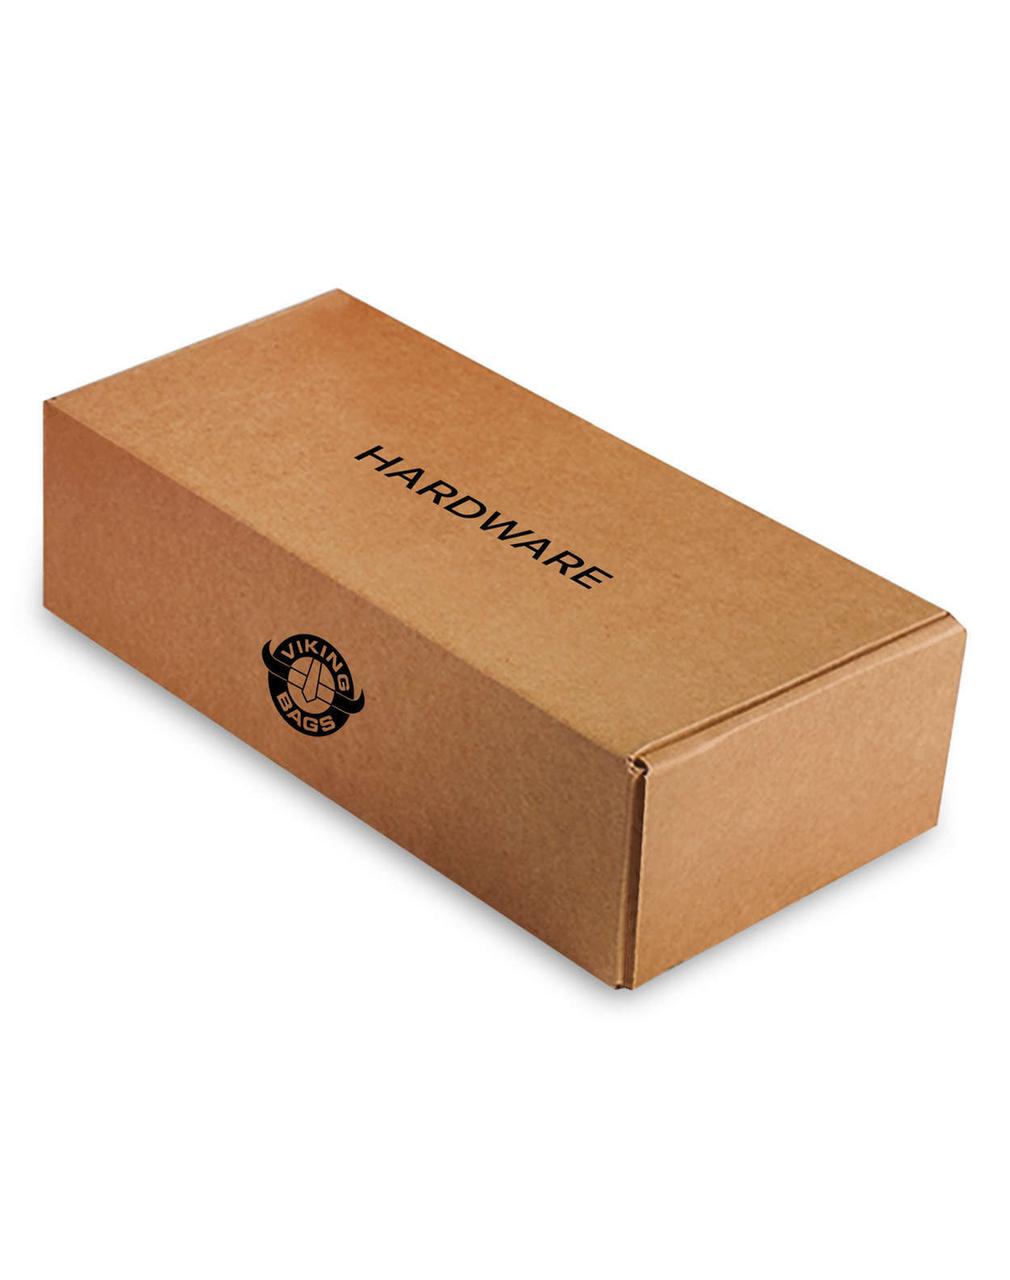 Triumph Rocket III Range Slanted Medium Studded Motorcycle Saddlebags Box